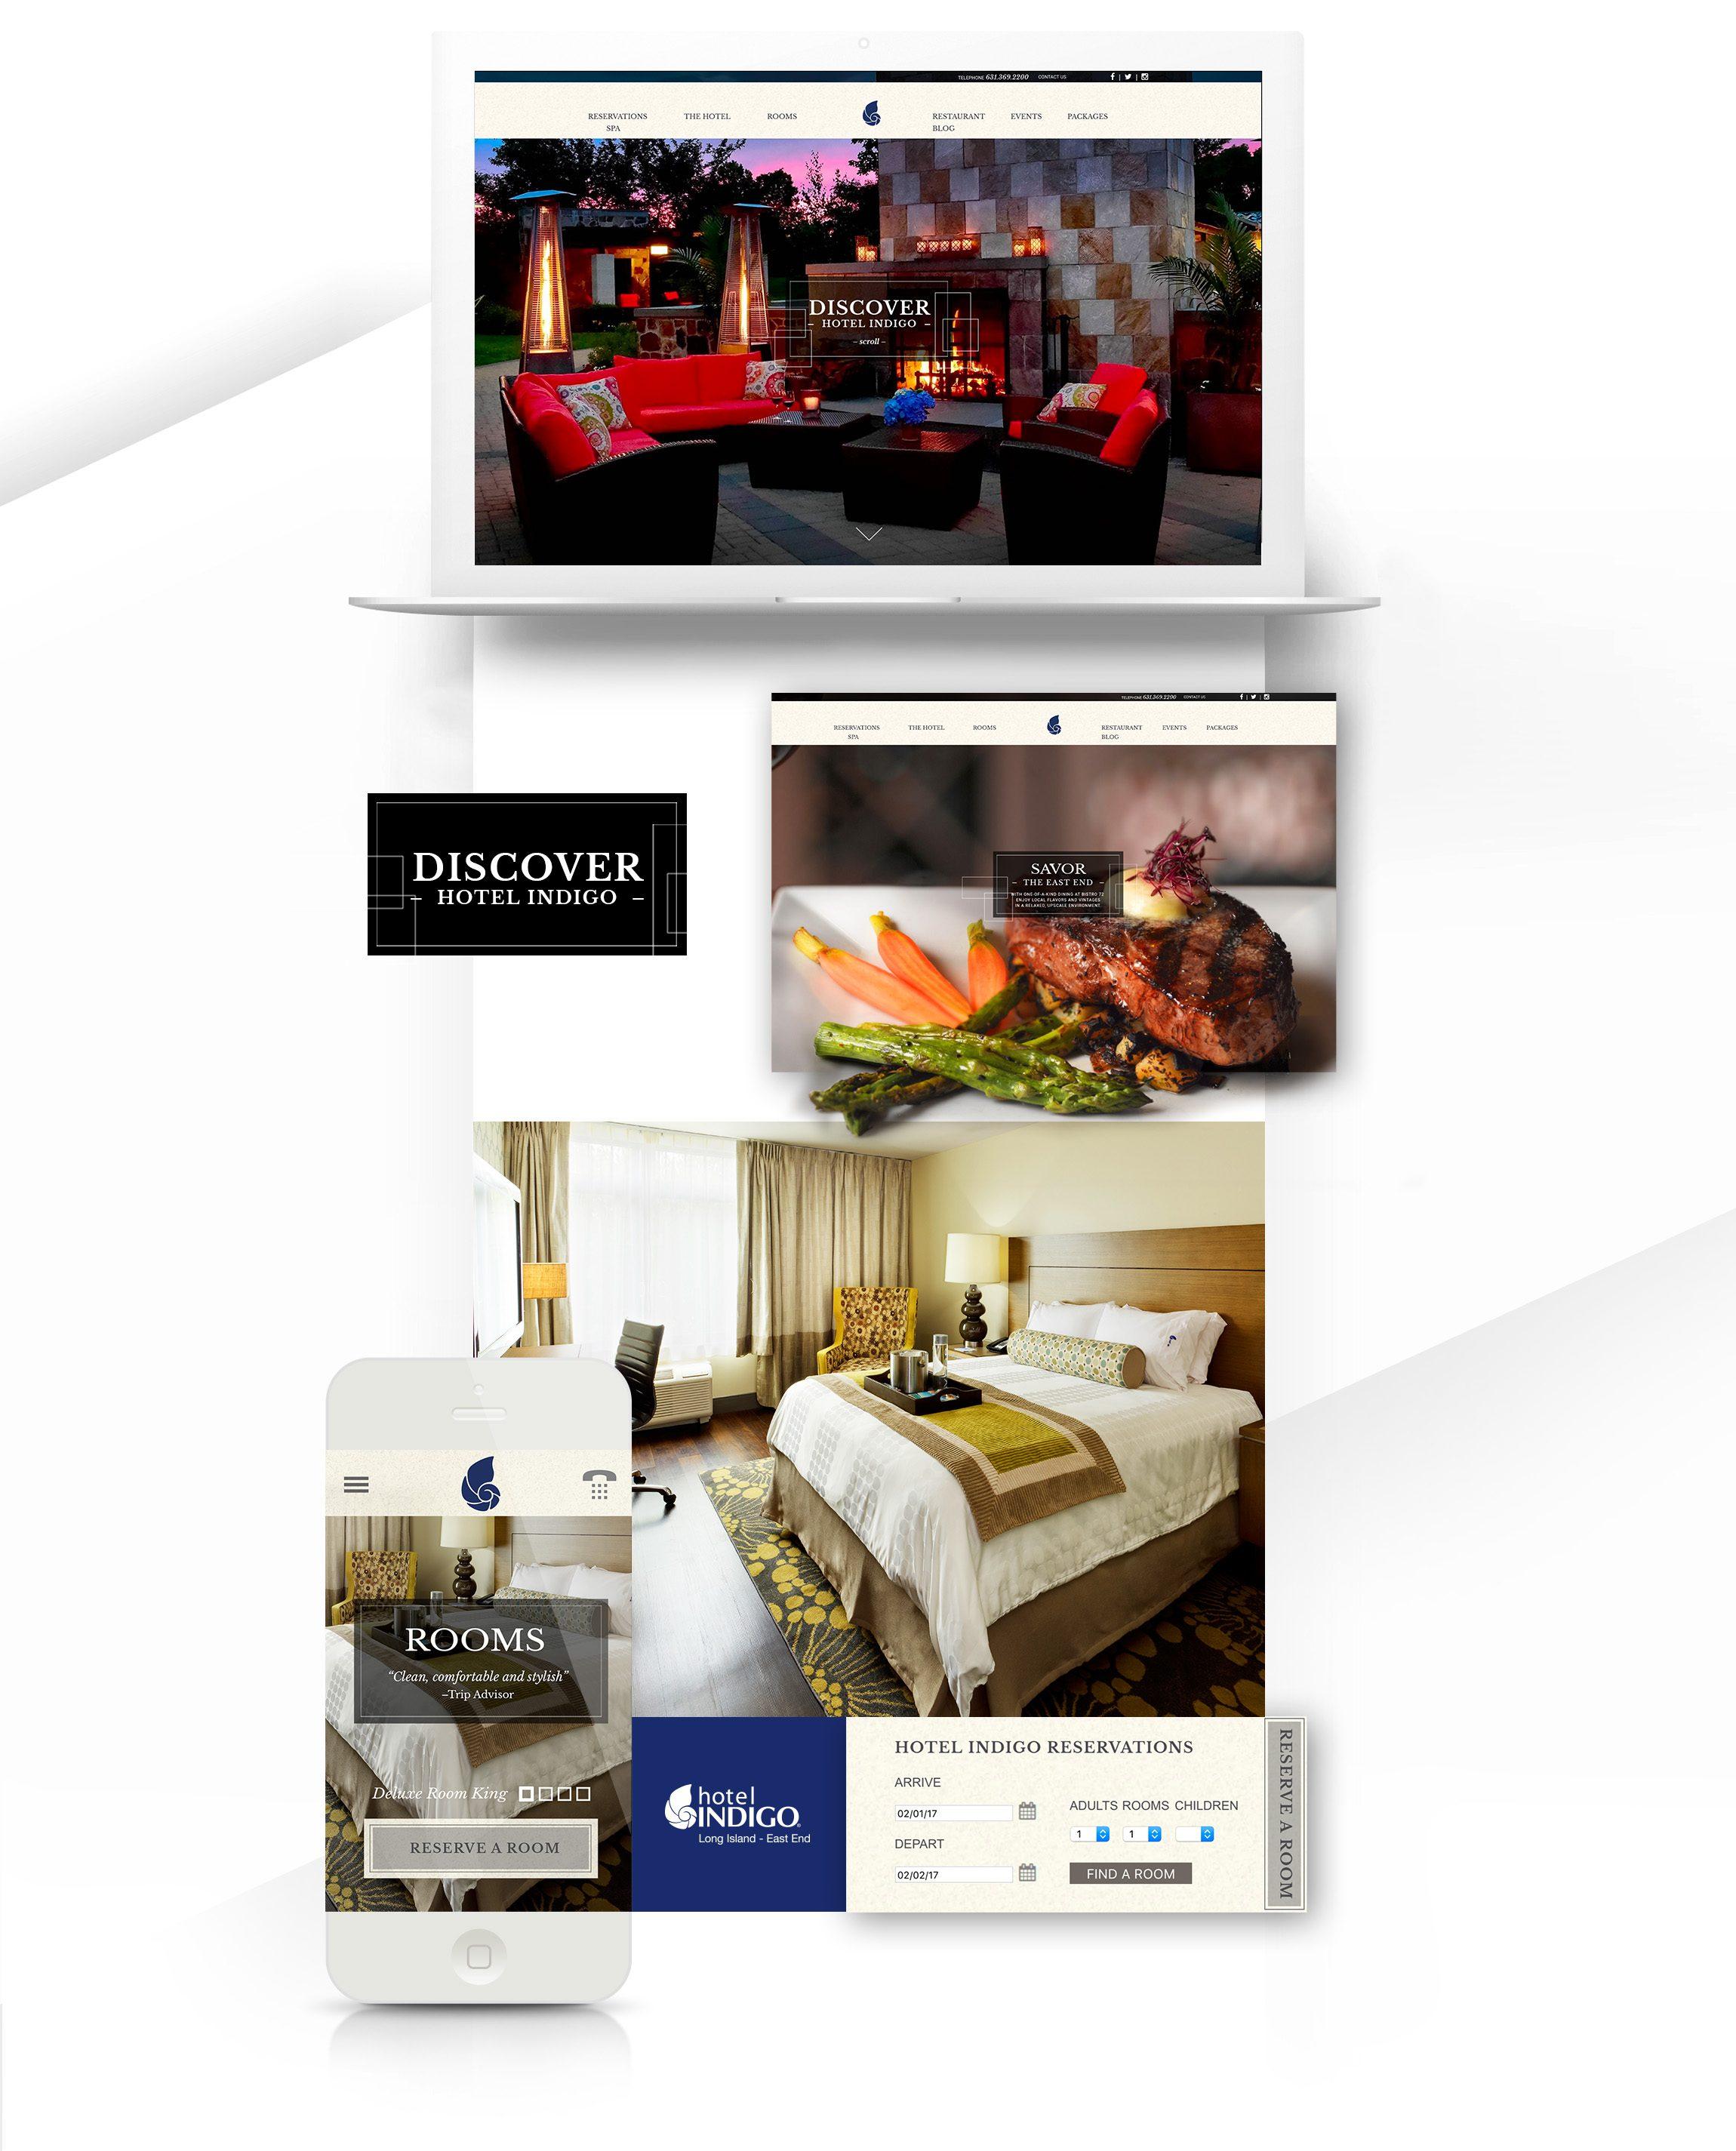 Hotel Indigo Big Idea